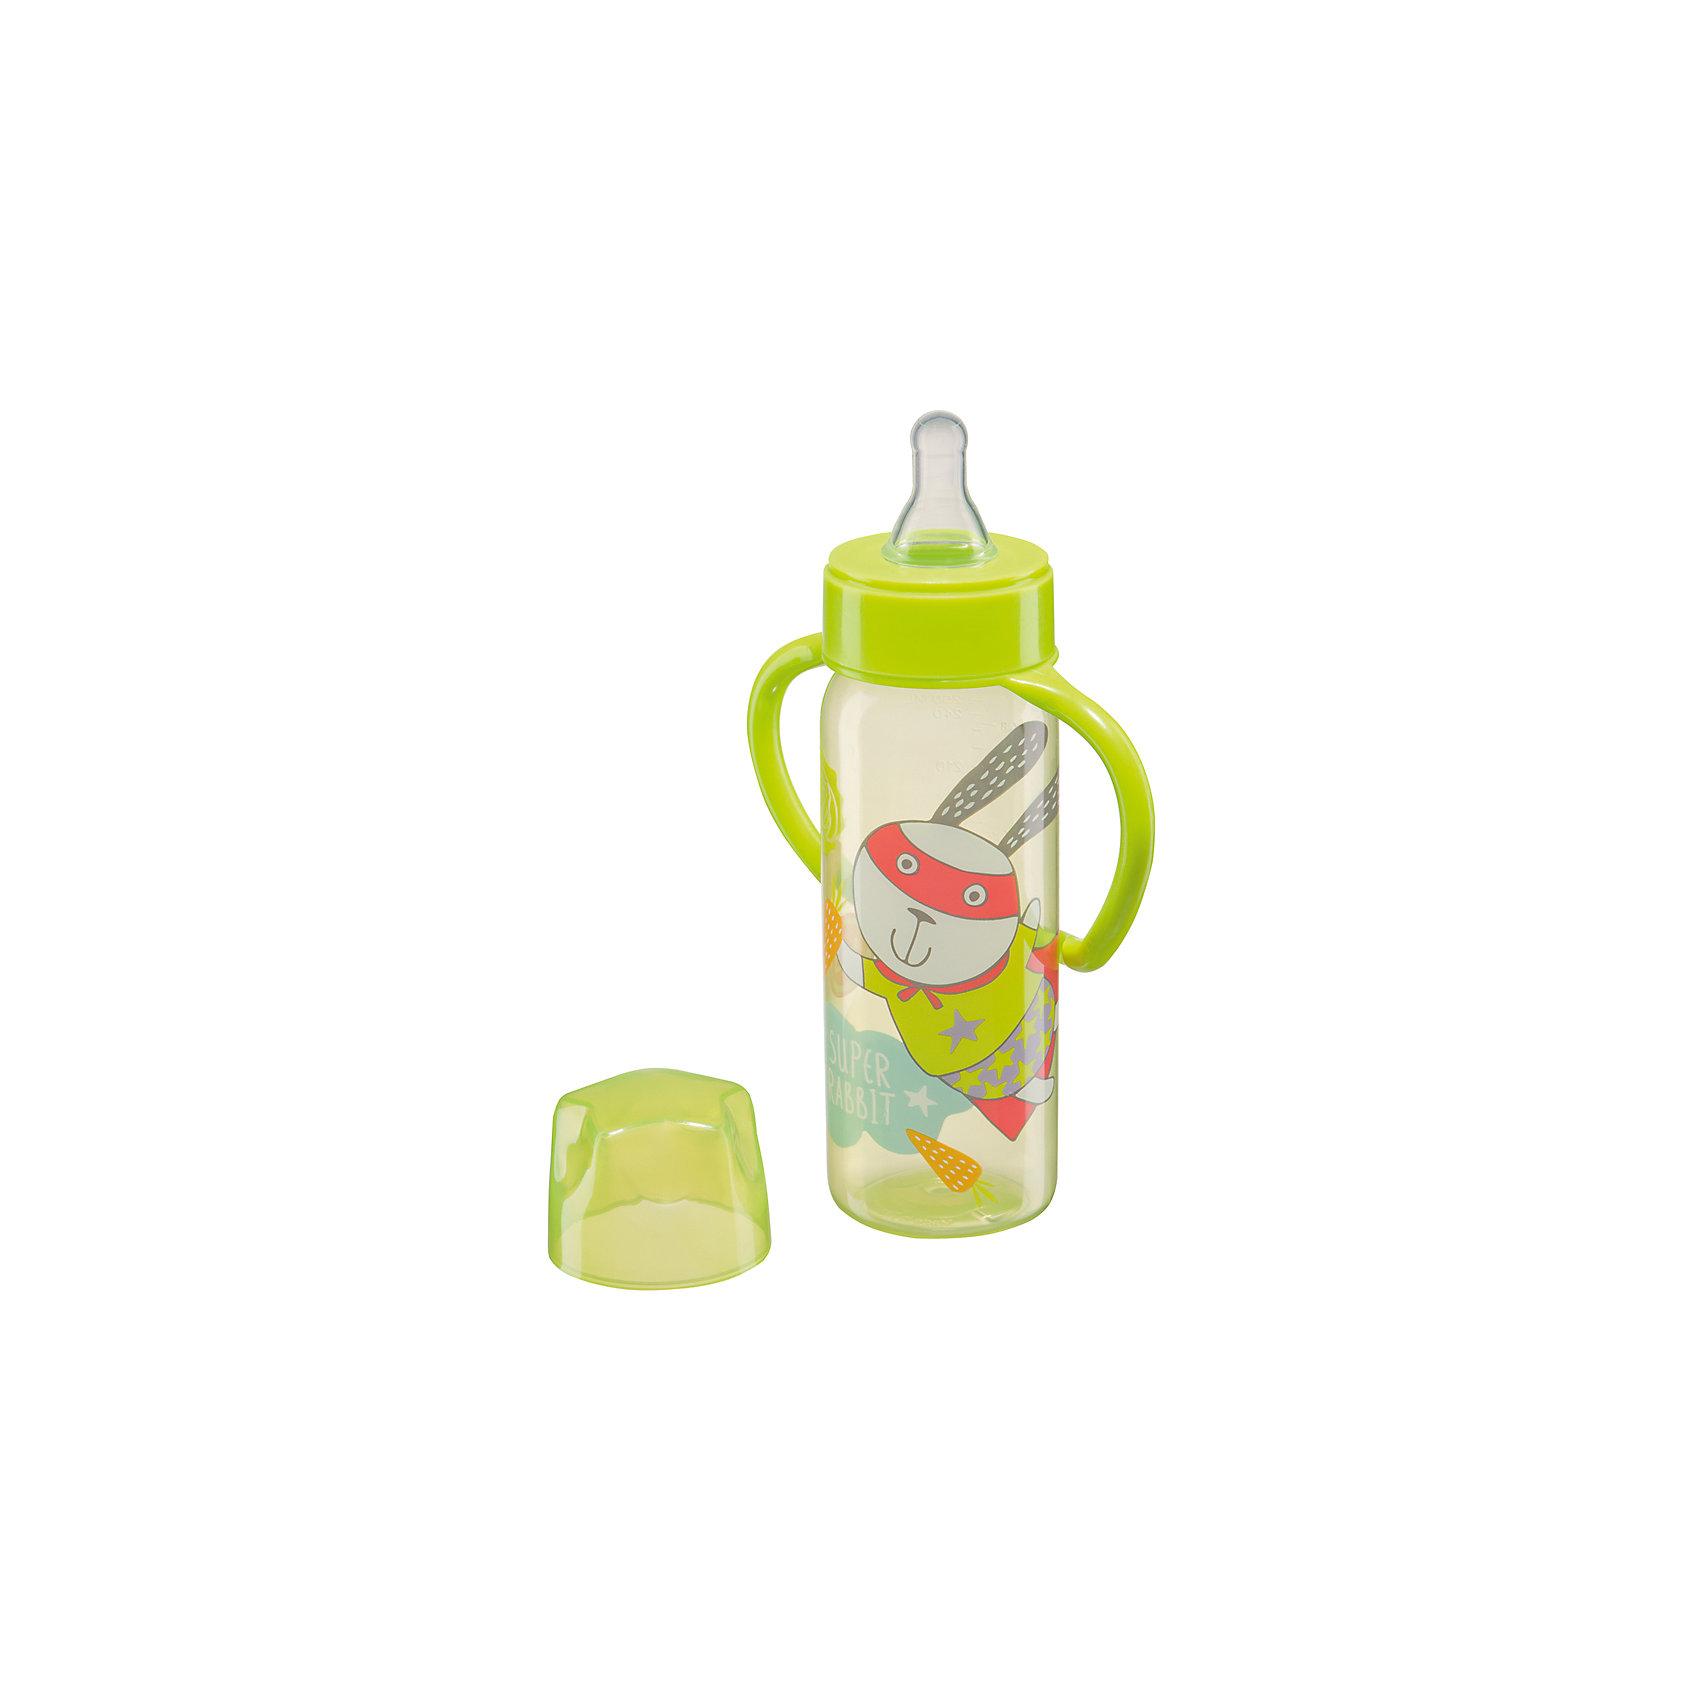 Бутылочка для кормления с ручками, 250 мл, Happy Baby, лайм210 - 281 мл.<br>Бутылочка 250 мл,  Happy Baby лайм имеет классическую форму с ручками, благодаря которым малыш научится самостоятельно пить из бутылочки и быстрее привыкнет к чашке. Сделана из прозрачного ударопрочного пластика, устойчивого к прогреванию. Широкое горлышко поильника позволяет легко заполнять его и чистить, а мерная шкала поильника позволяет контролировать количество жидкости, выпитой ребенком.<br><br>Дополнительная информация:<br><br>- эргономичные ручки<br>- герметичная крышка<br>- ручки легко снимаются<br>- шкала с делениями в 30 мл.<br>- медленный поток<br>- материал: полипропилен, силикон<br>- материал: соски : силикон<br>- объем бутылочки: 250 мл.<br><br>Бутылочку для кормления с ручками, 250 мл, Happy Baby, лайм можно купить в нашем интернет-магазине.<br><br>Ширина мм: 65<br>Глубина мм: 120<br>Высота мм: 275<br>Вес г: 75<br>Возраст от месяцев: 0<br>Возраст до месяцев: 12<br>Пол: Унисекс<br>Возраст: Детский<br>SKU: 4696781